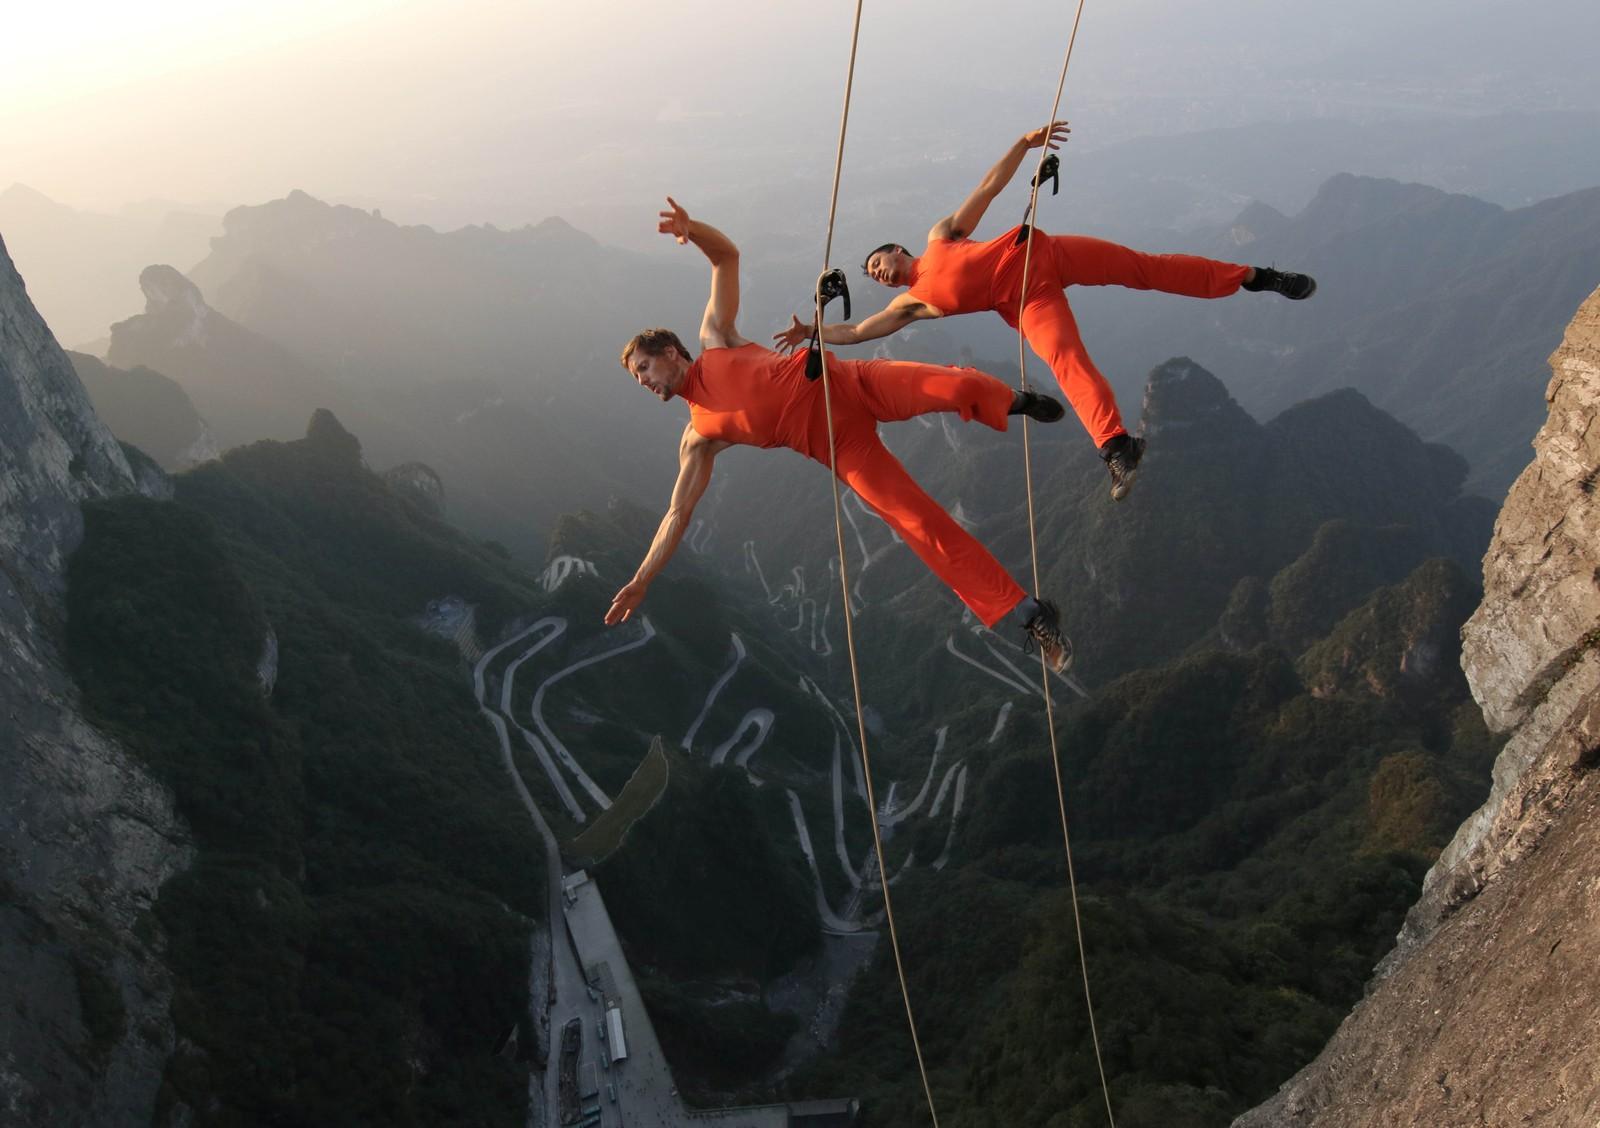 En dansetrupp opptrer i fjellene i Zhangjiajie i Hunanprovinsen i Kina.